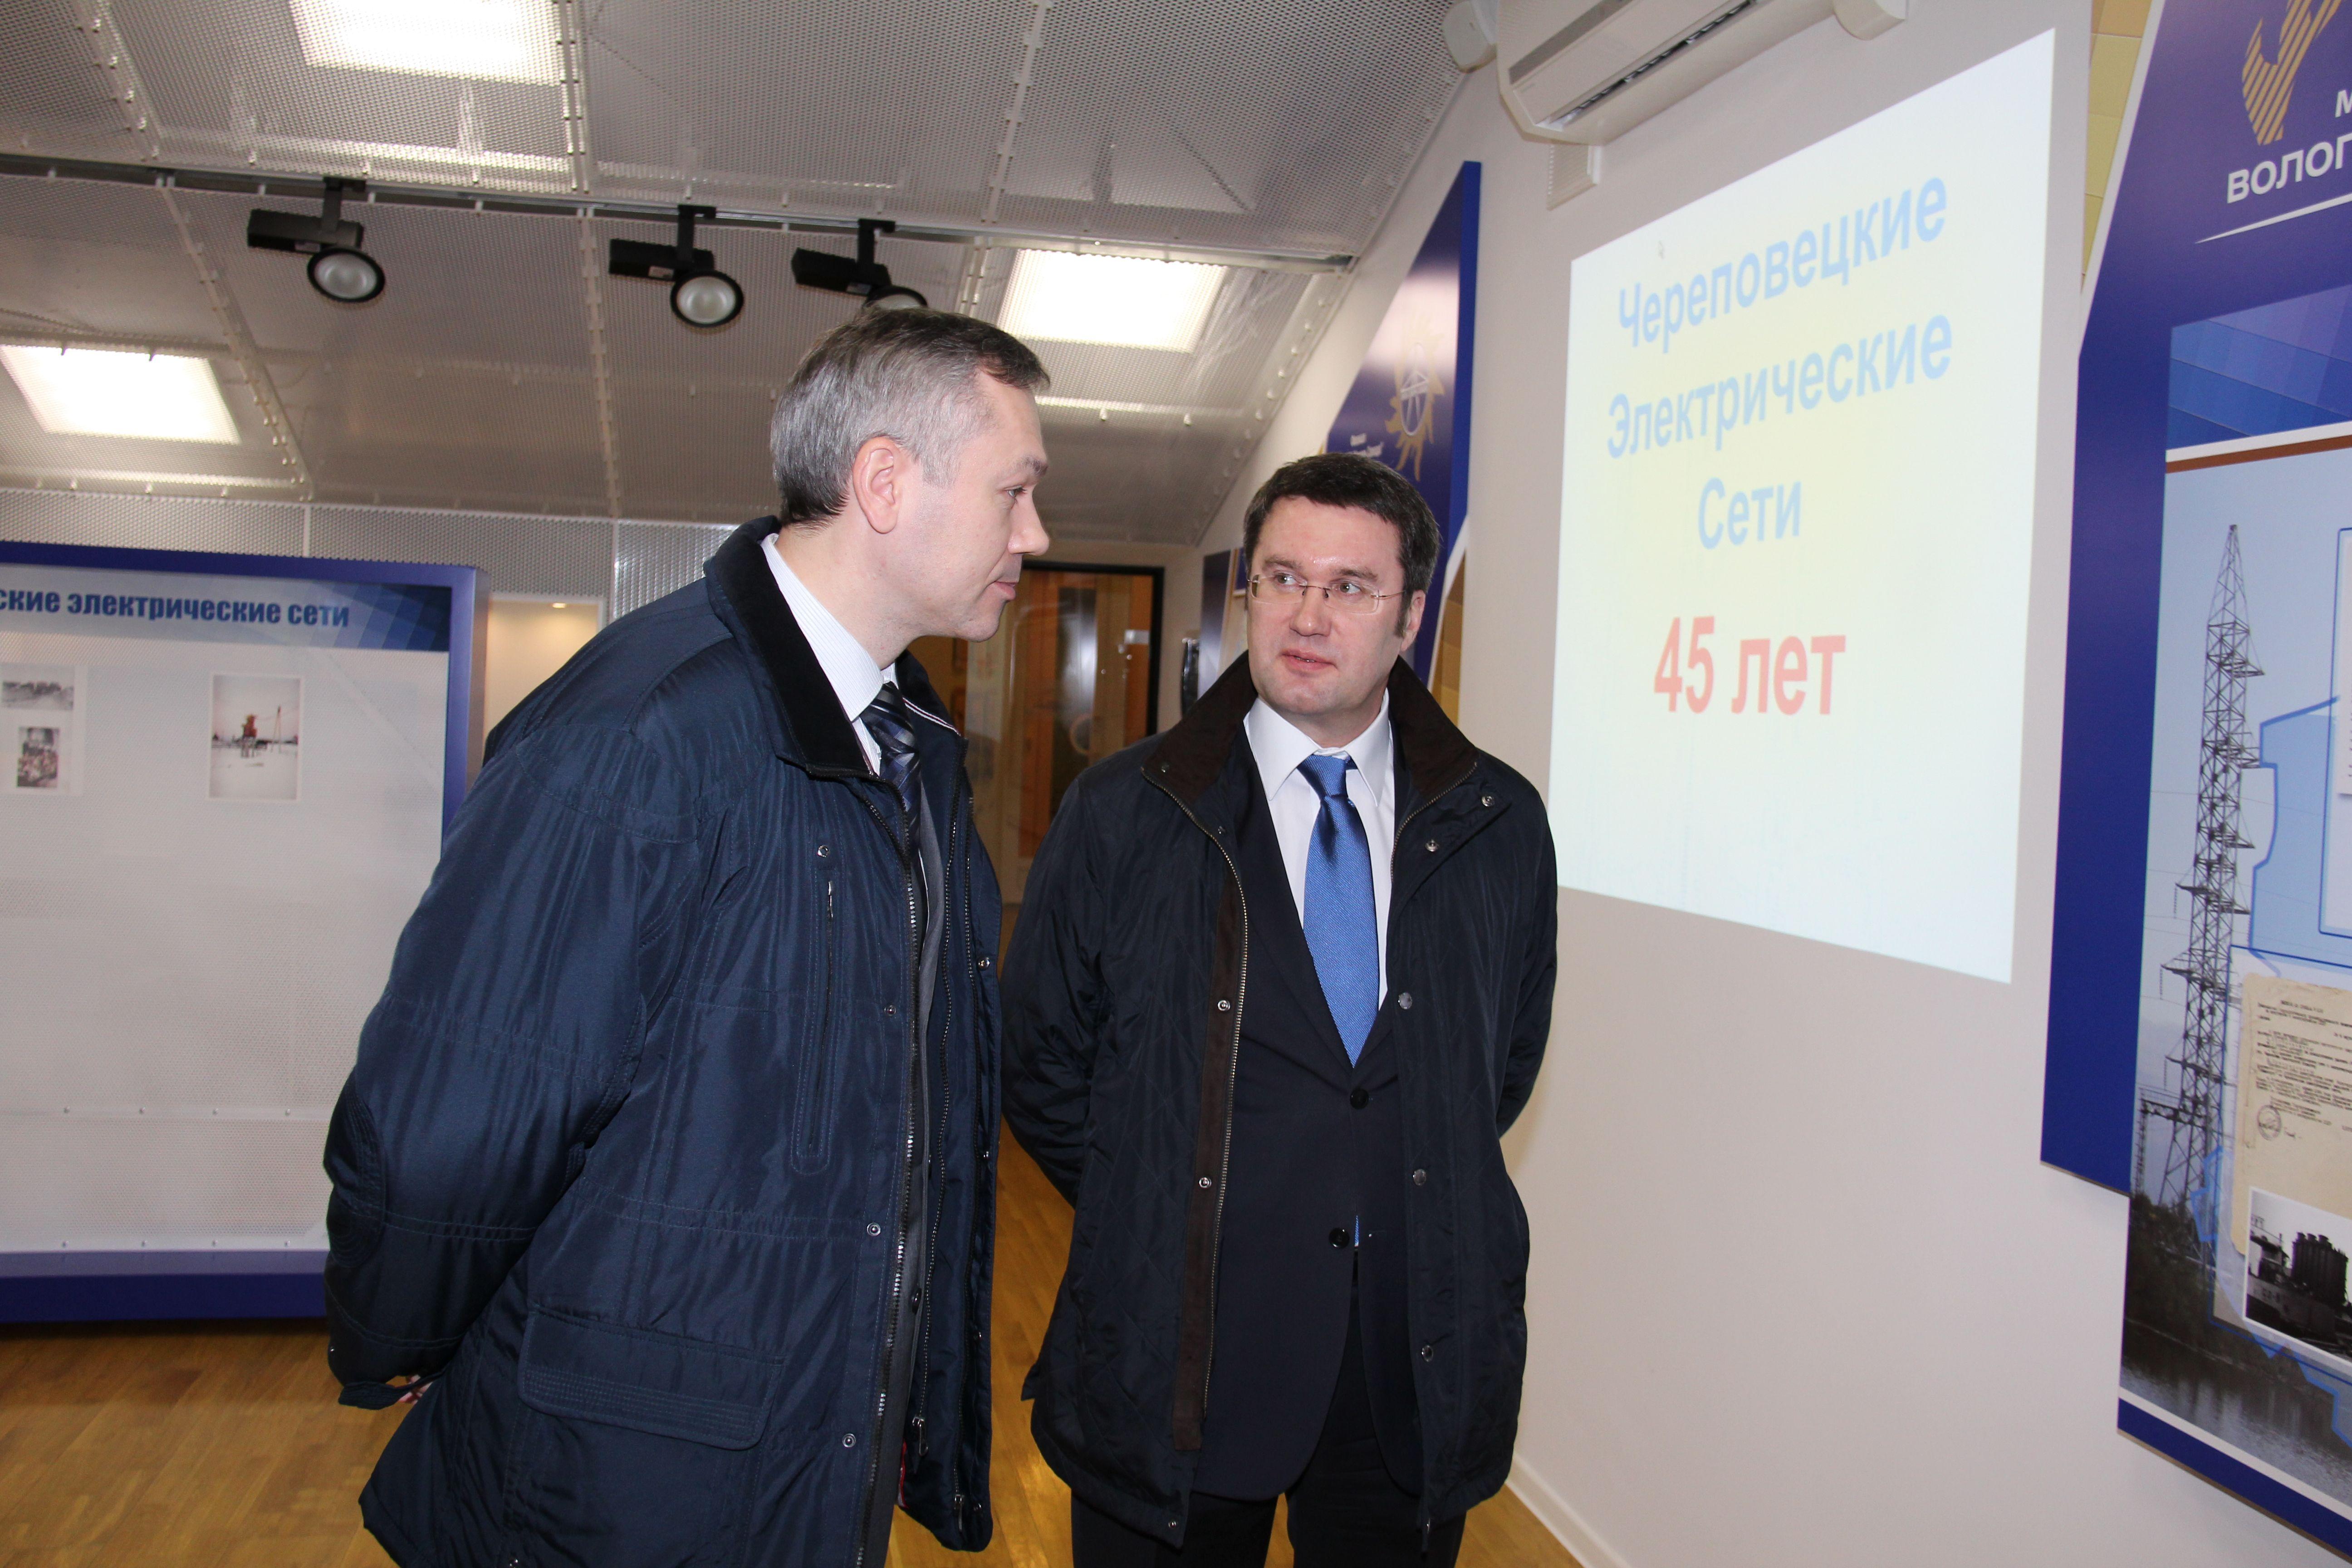 Филиал МРСК Северо-Запада «Вологдаэнерго» официально открыл музей сетевой компании